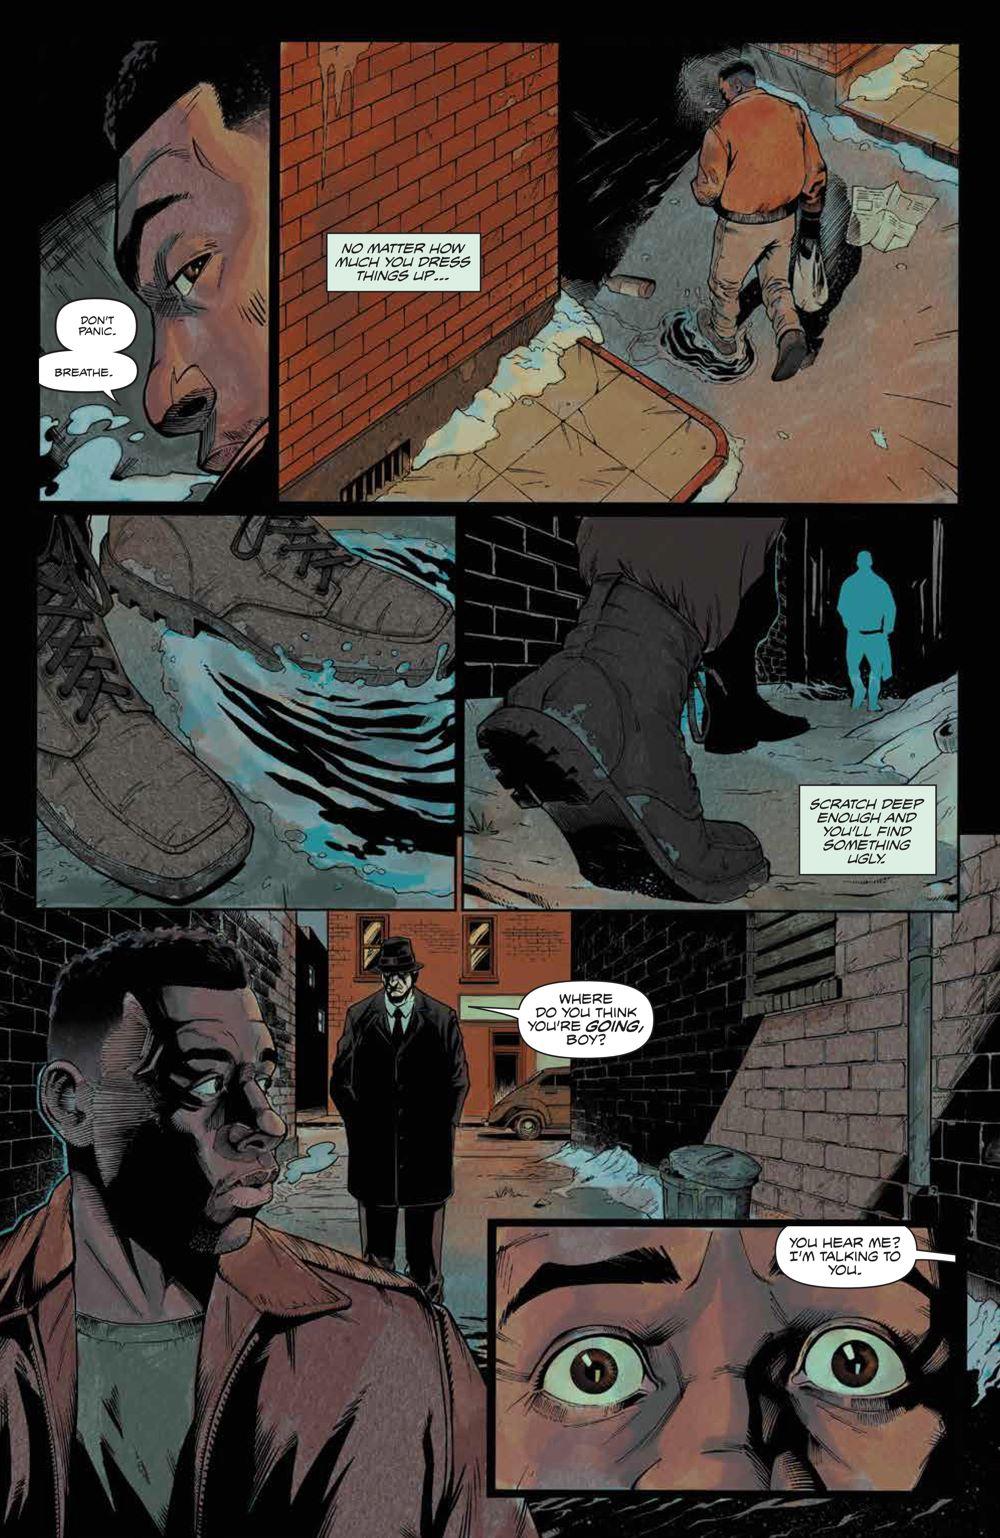 DarkBlood_001_PRESS_5 ComicList Previews: DARK BLOOD #1 (OF 6)